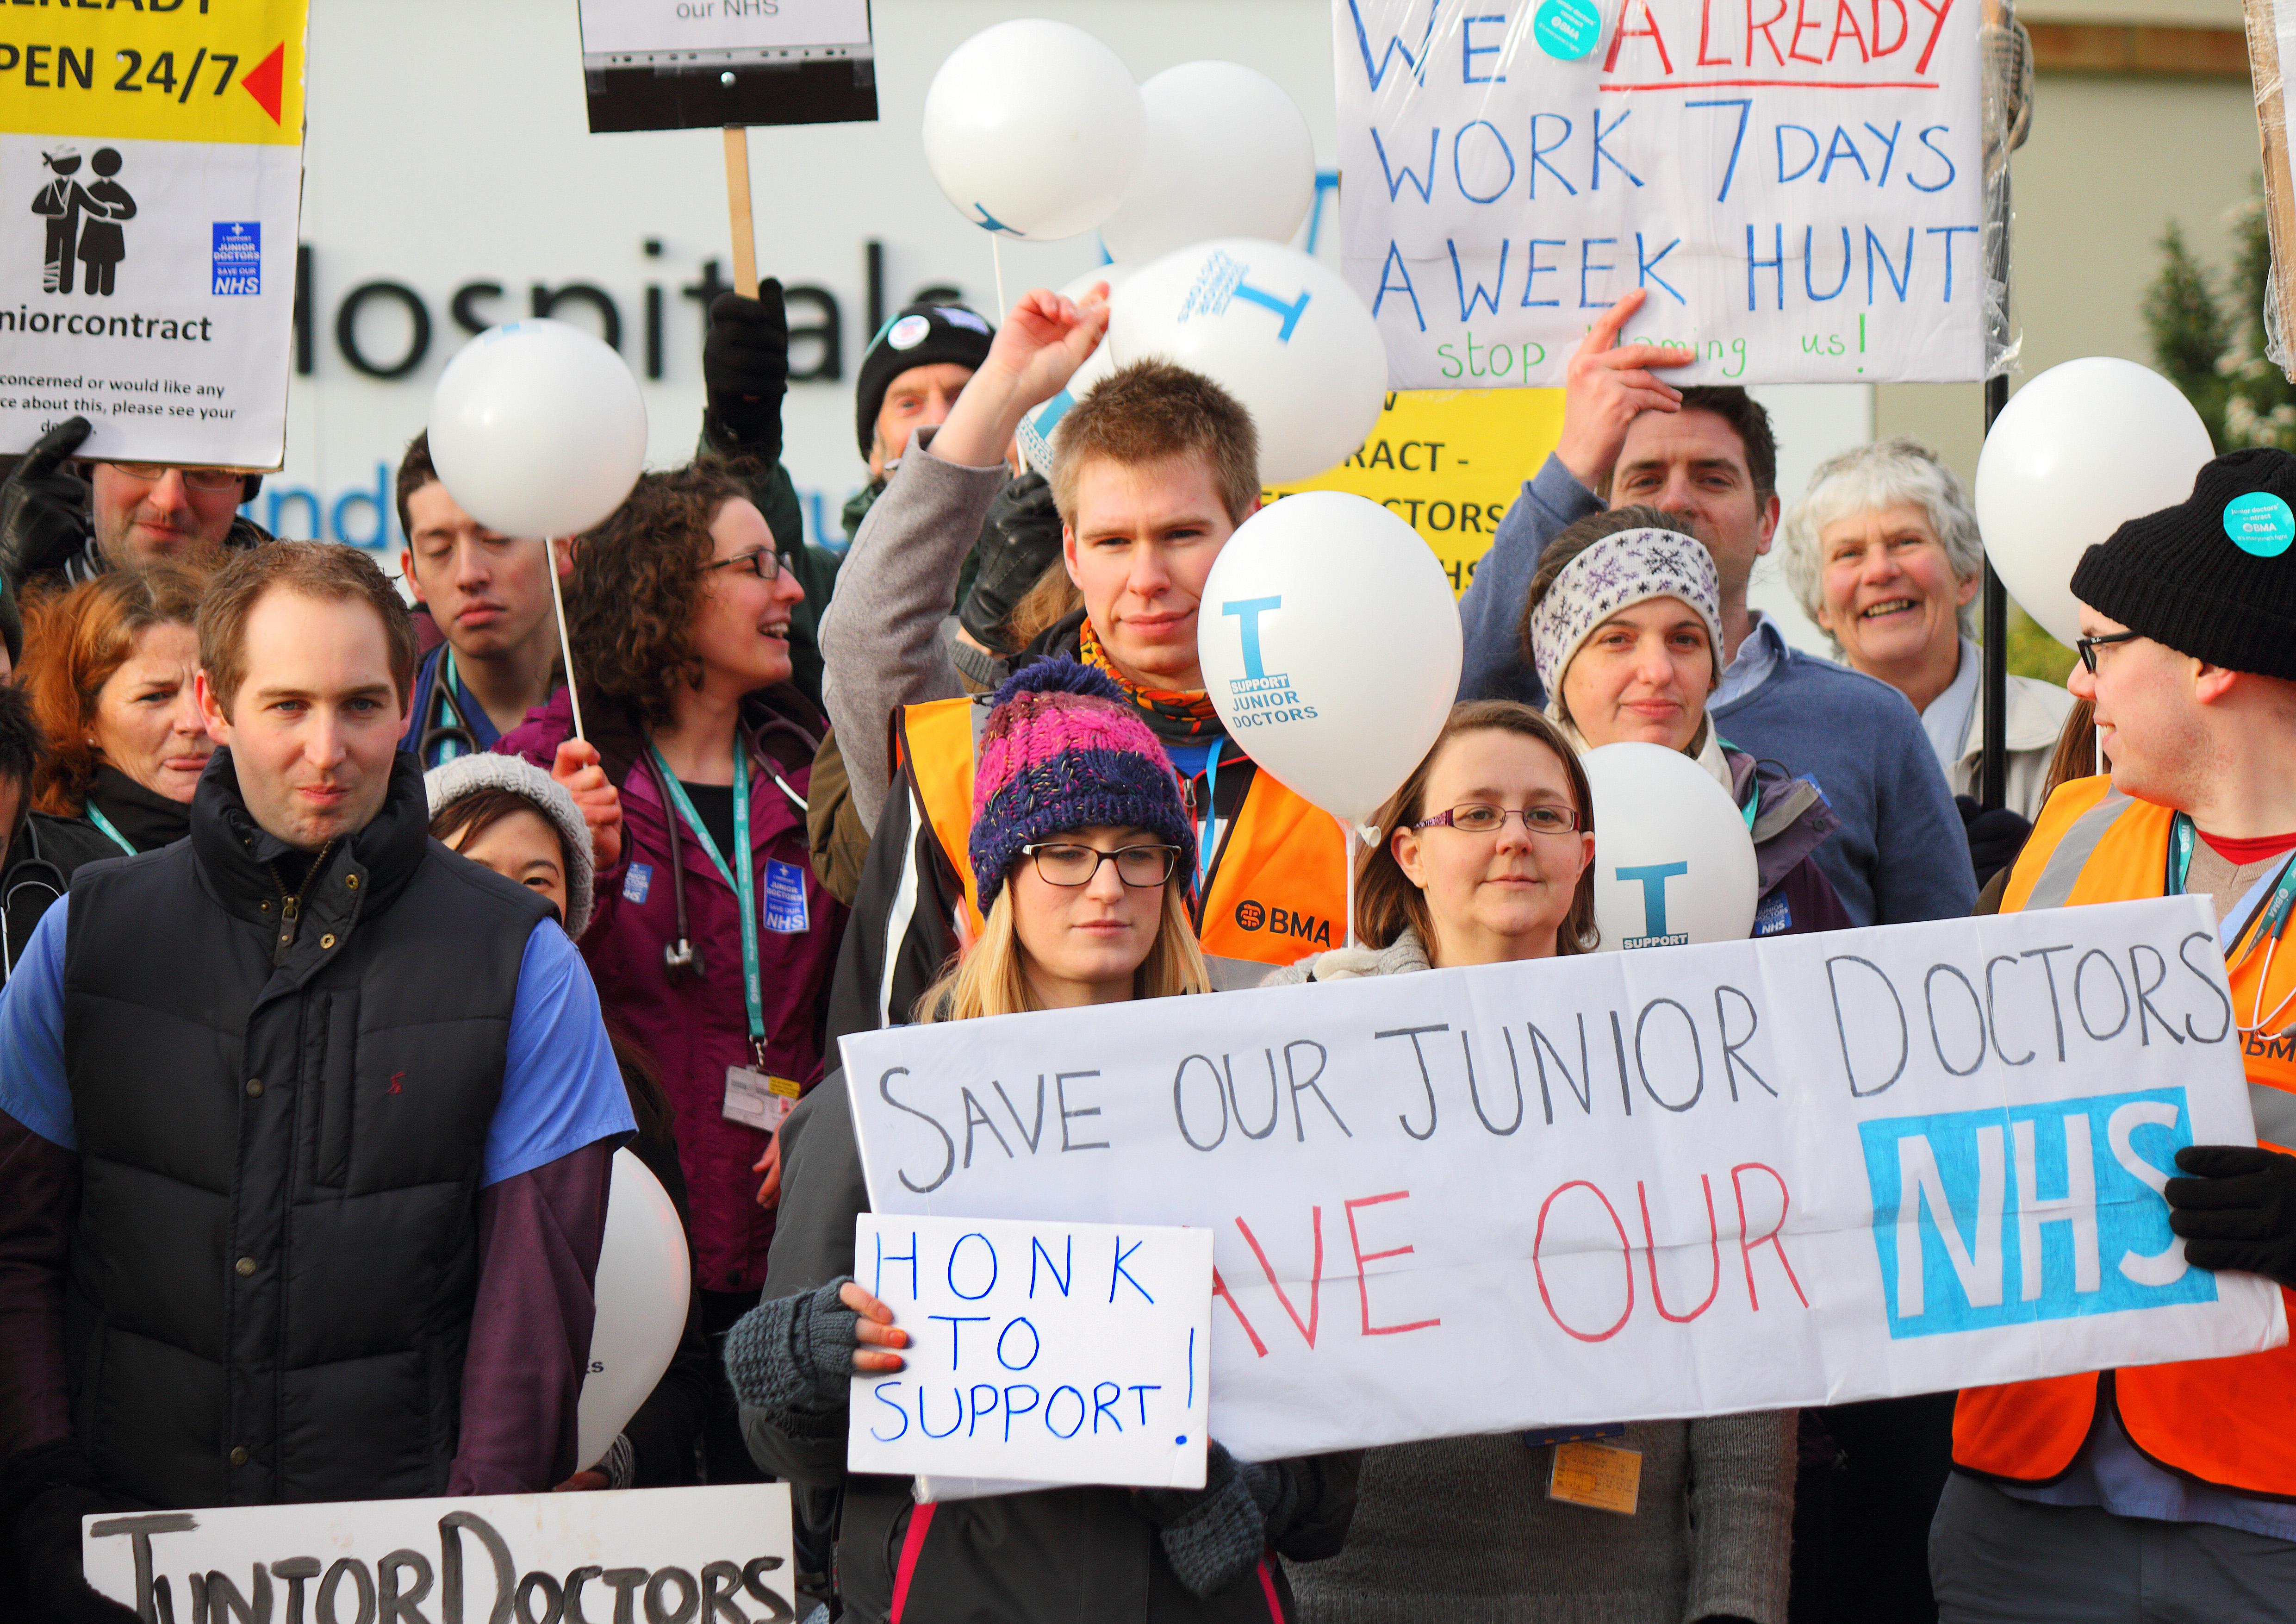 Recent junior doctors' strike